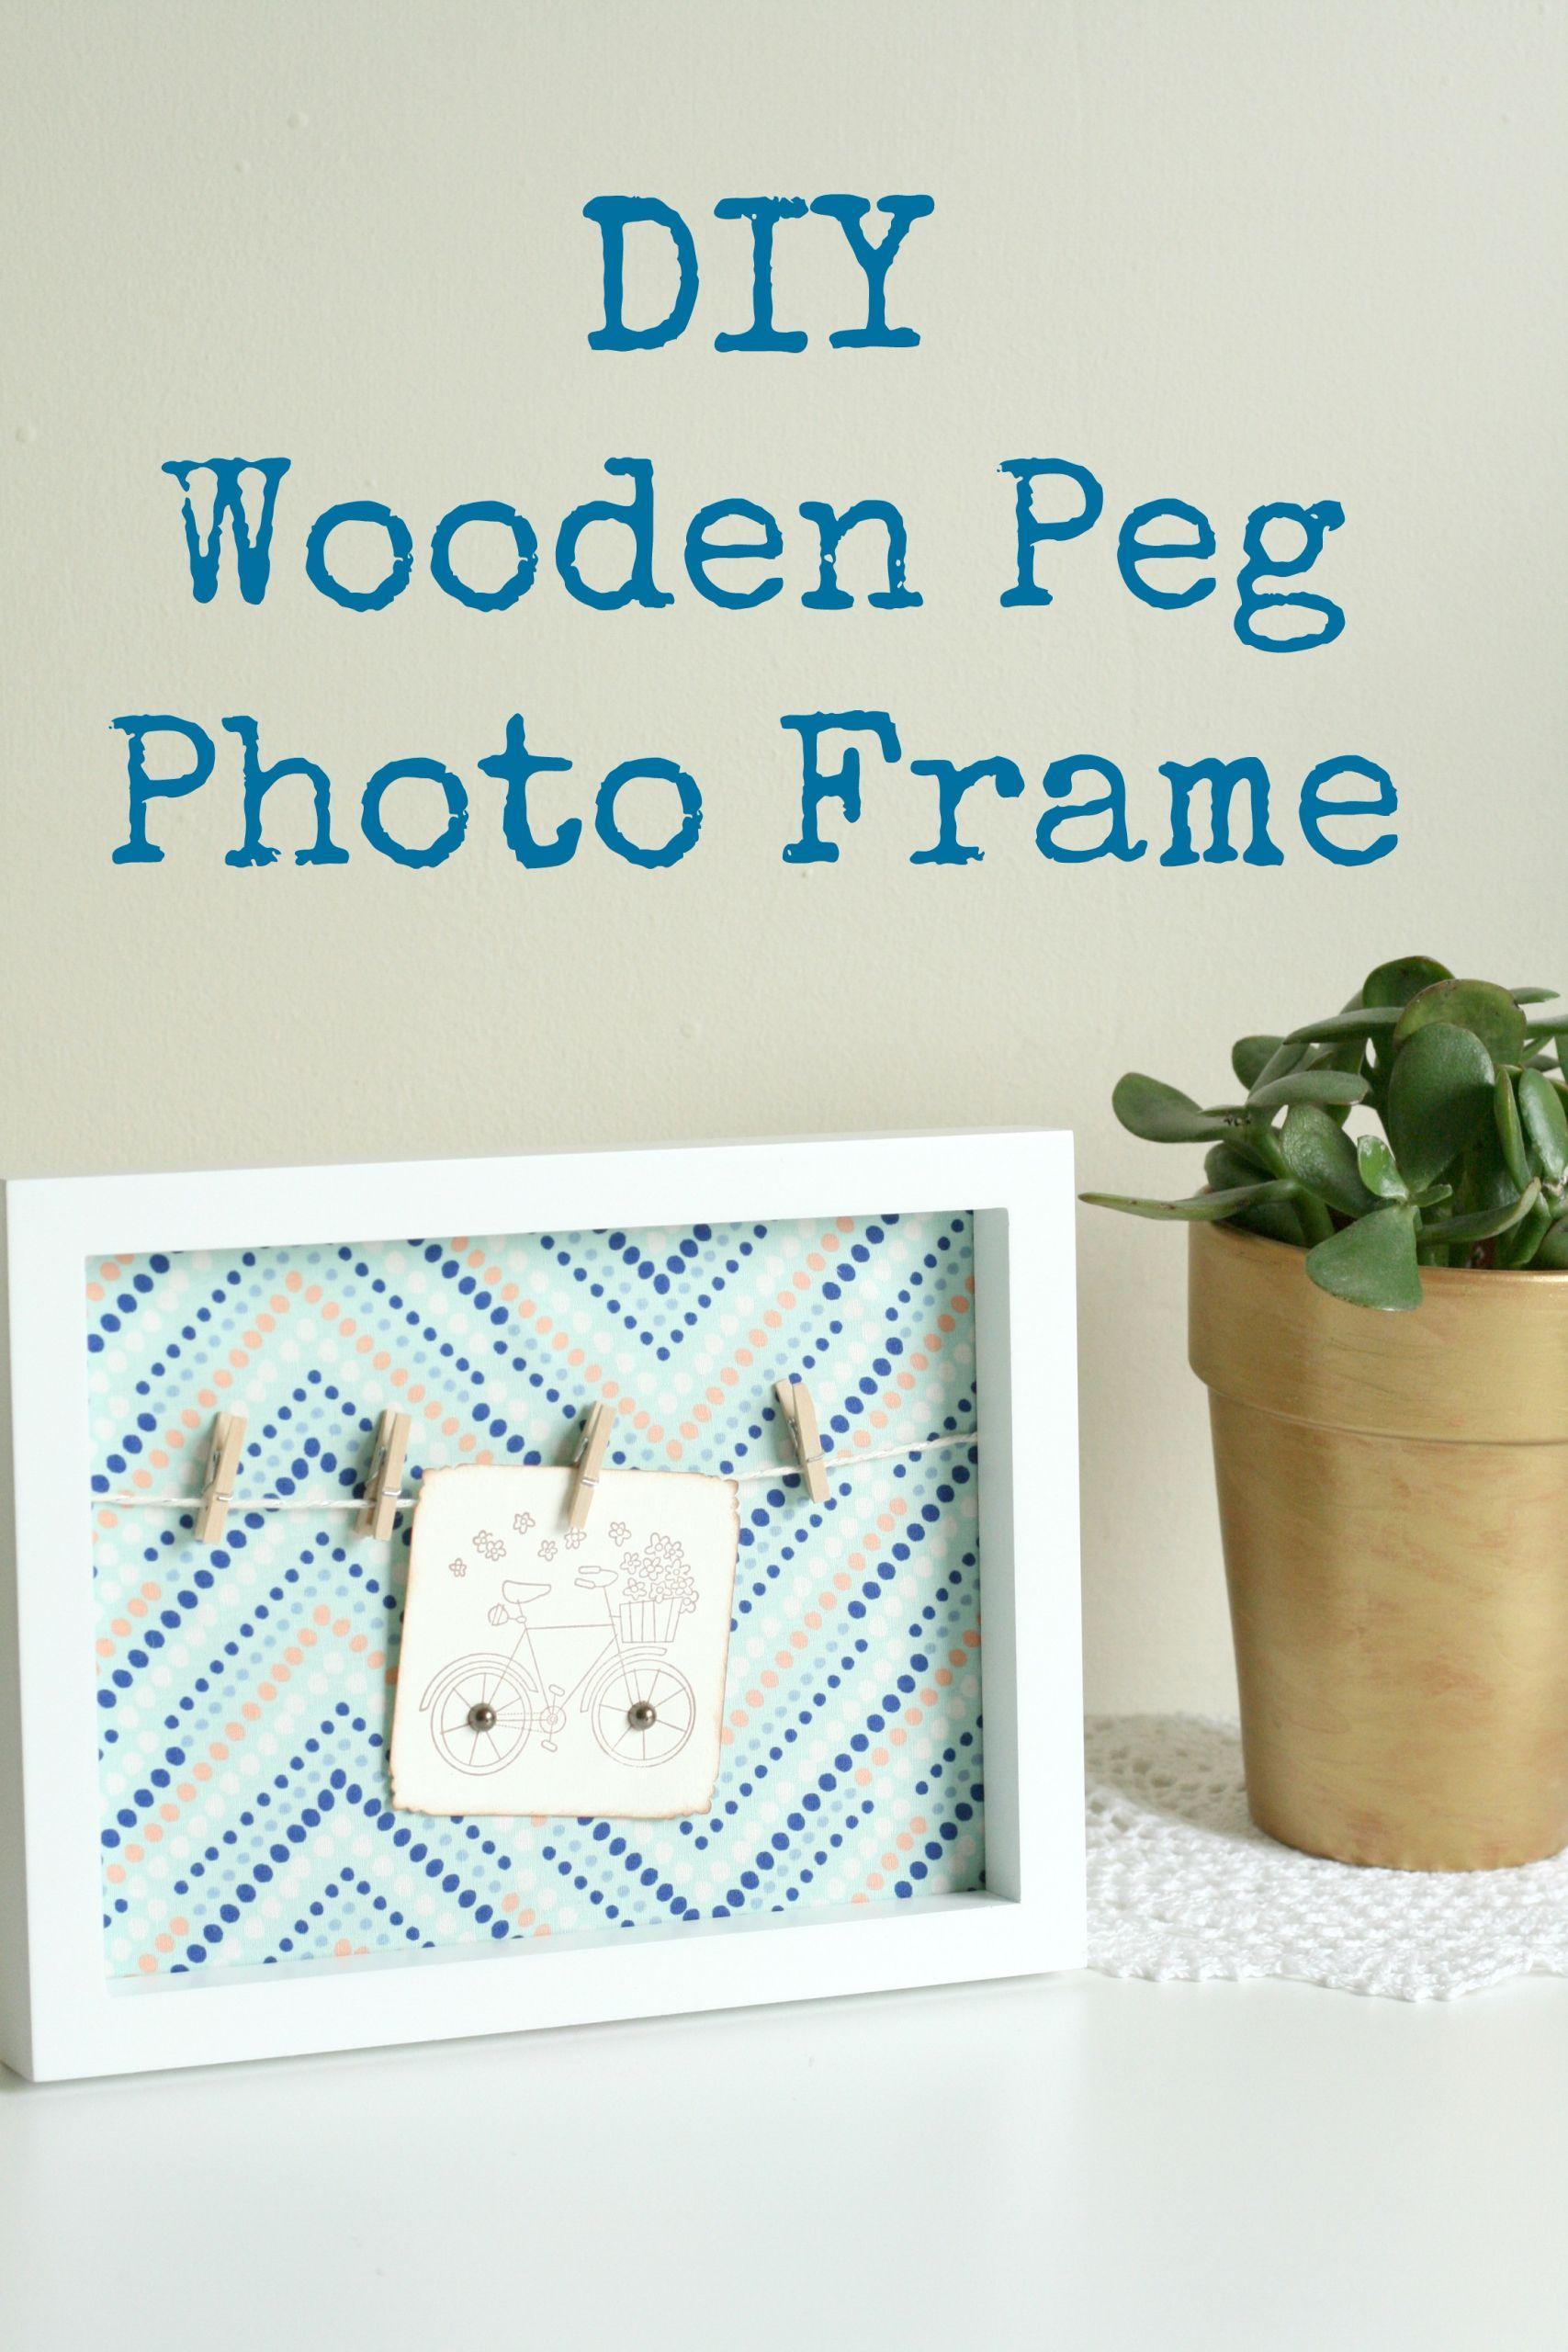 DIY Wooden Photo Frame  DIY Wooden Peg Frame